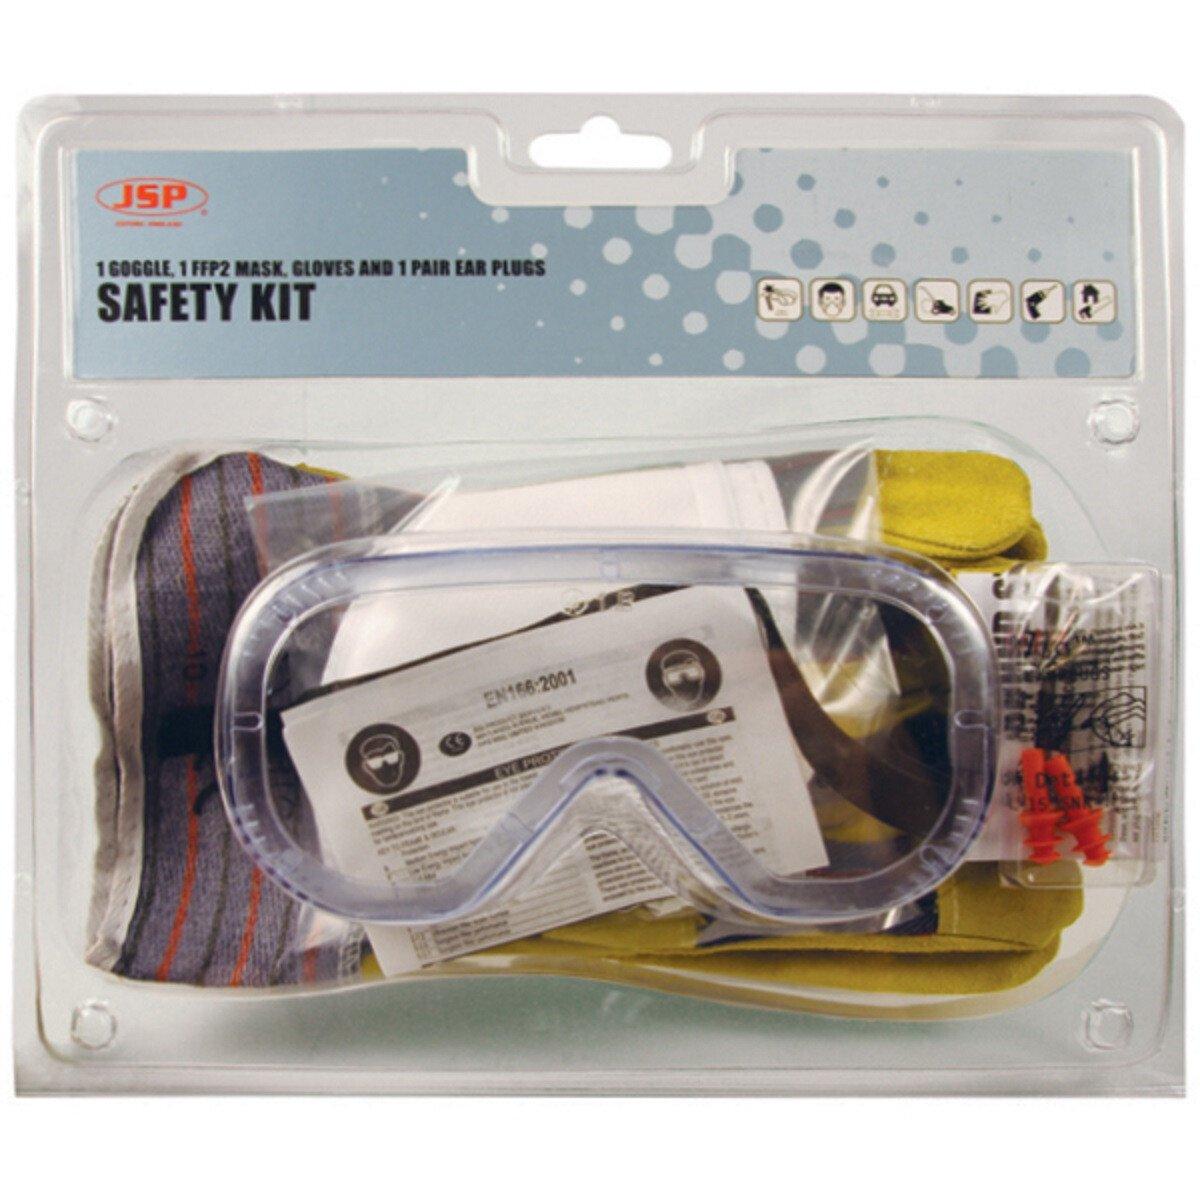 JSP AVC010-000-000 Standard Safety Pack Kit